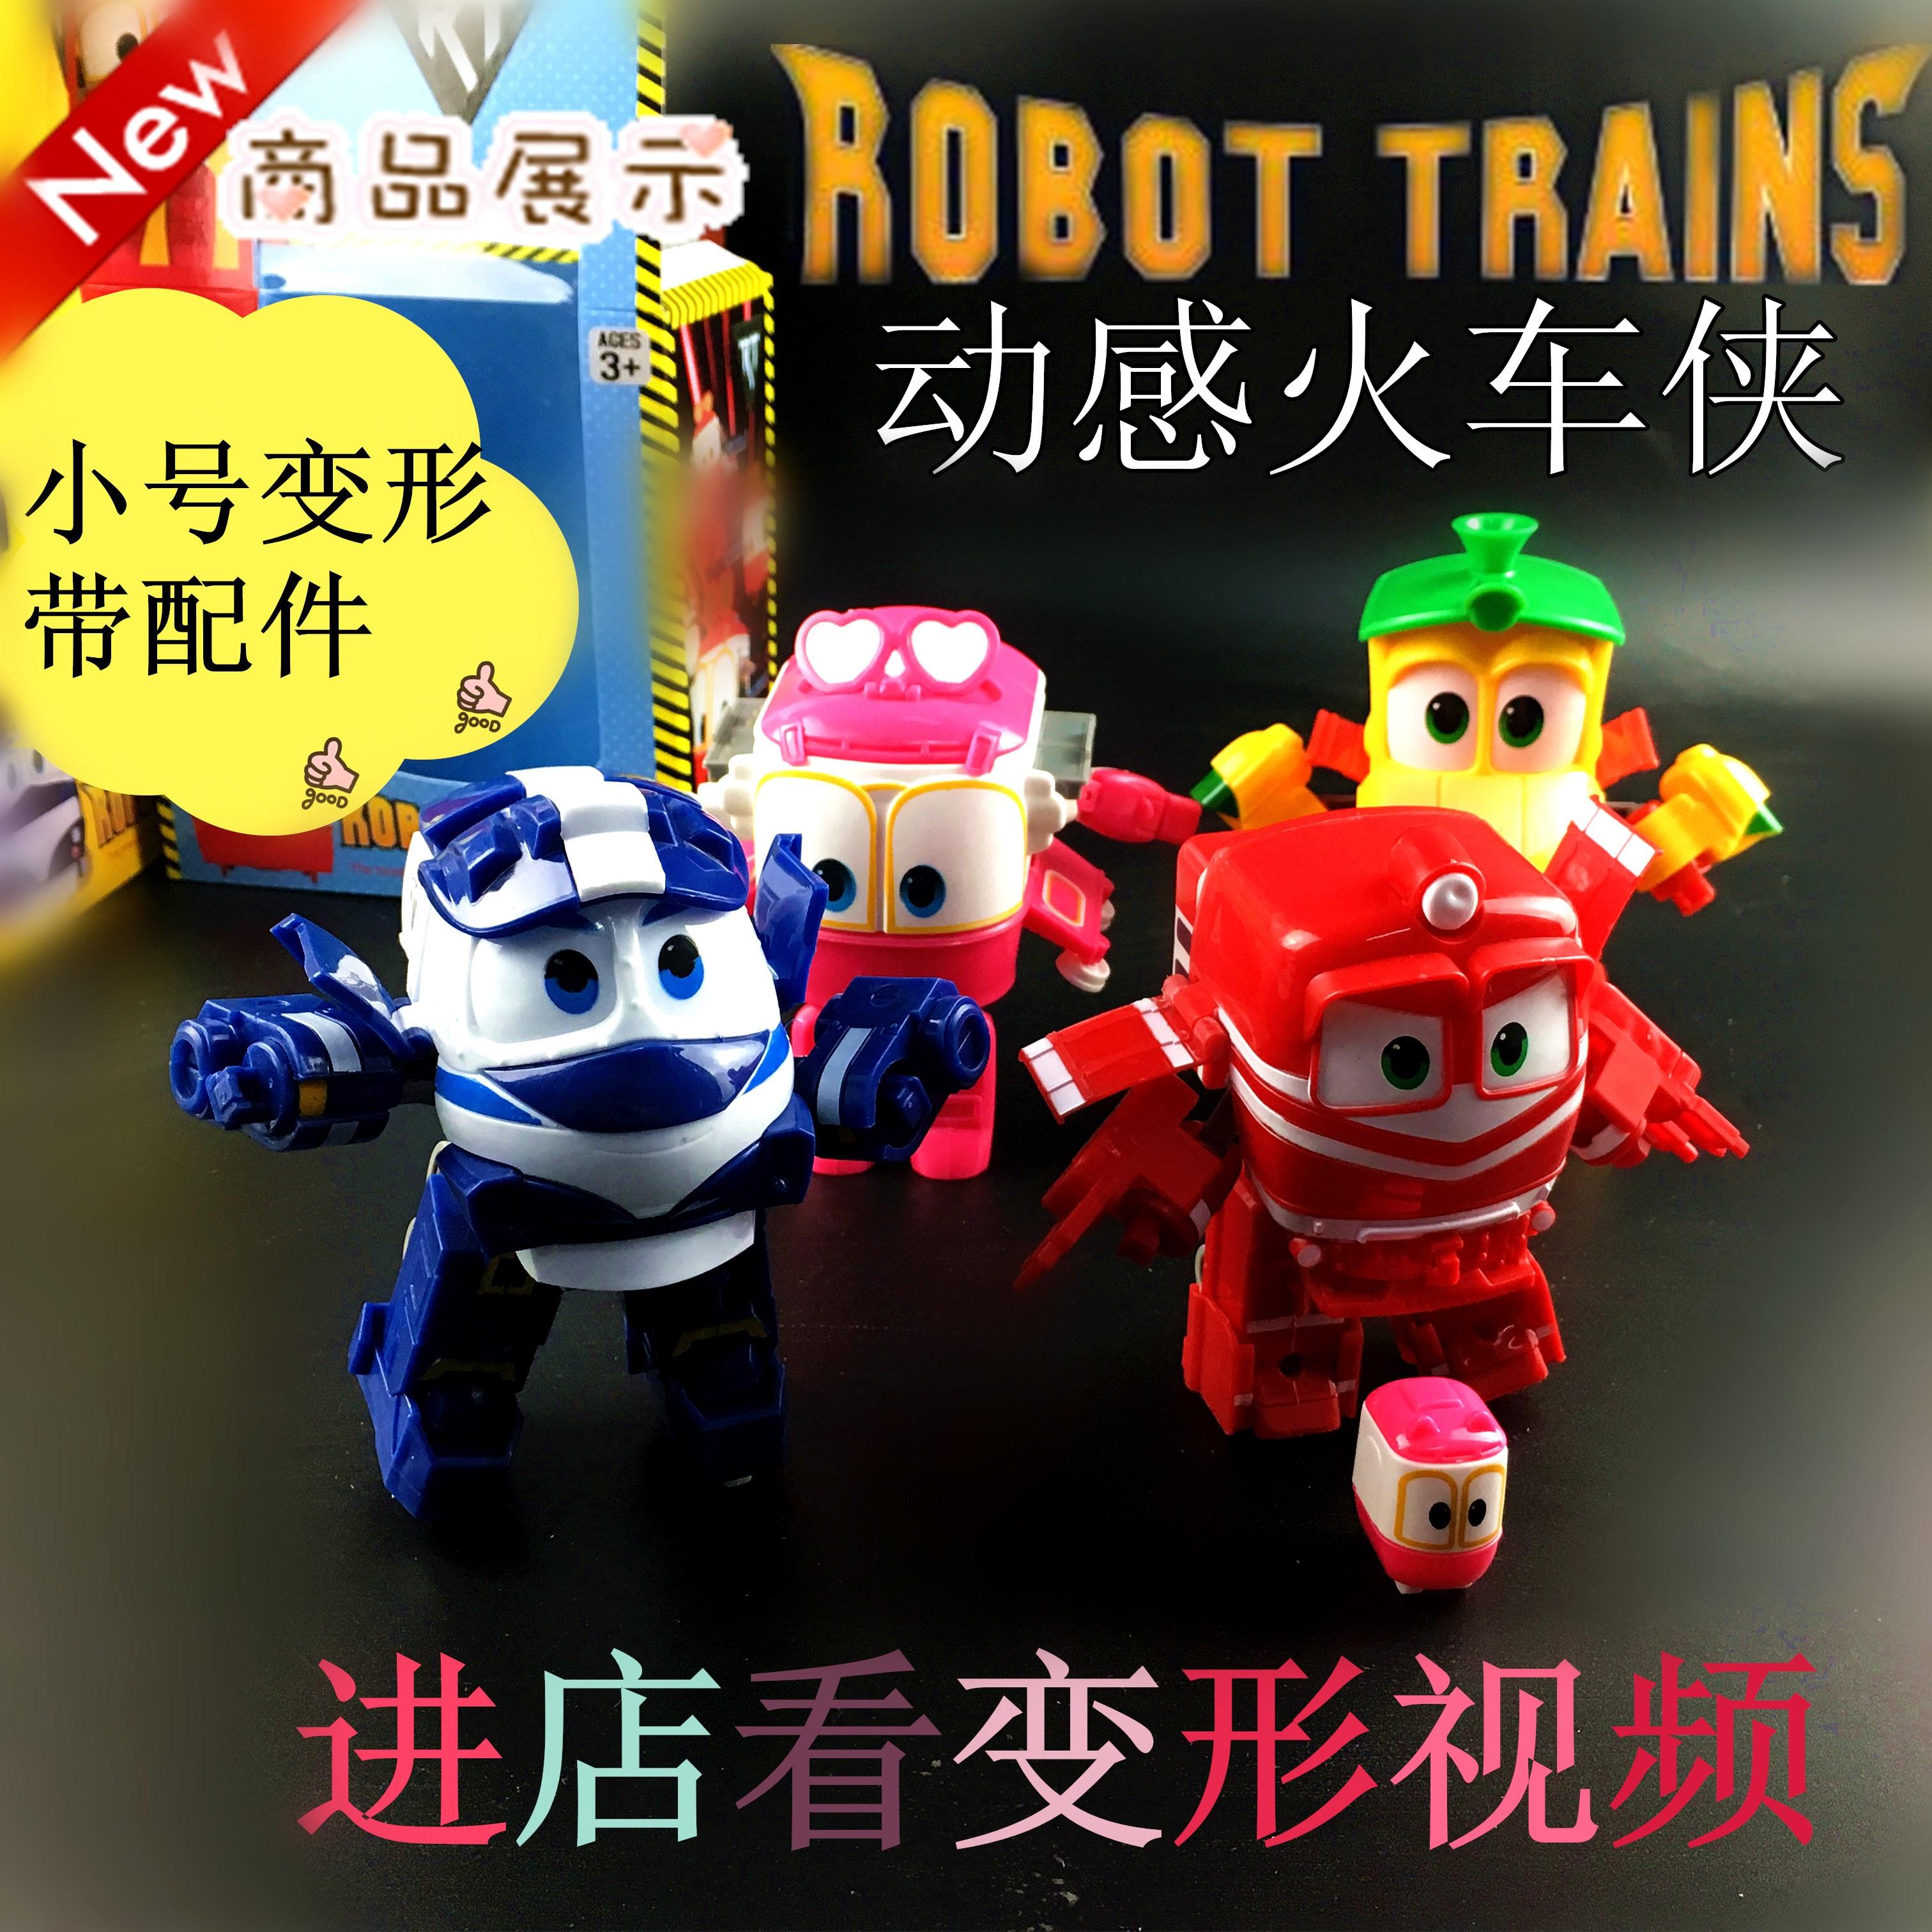 小号带装甲火车侠超级变形机器人飞侠大玩具动感火车家族赛丽鸭仔